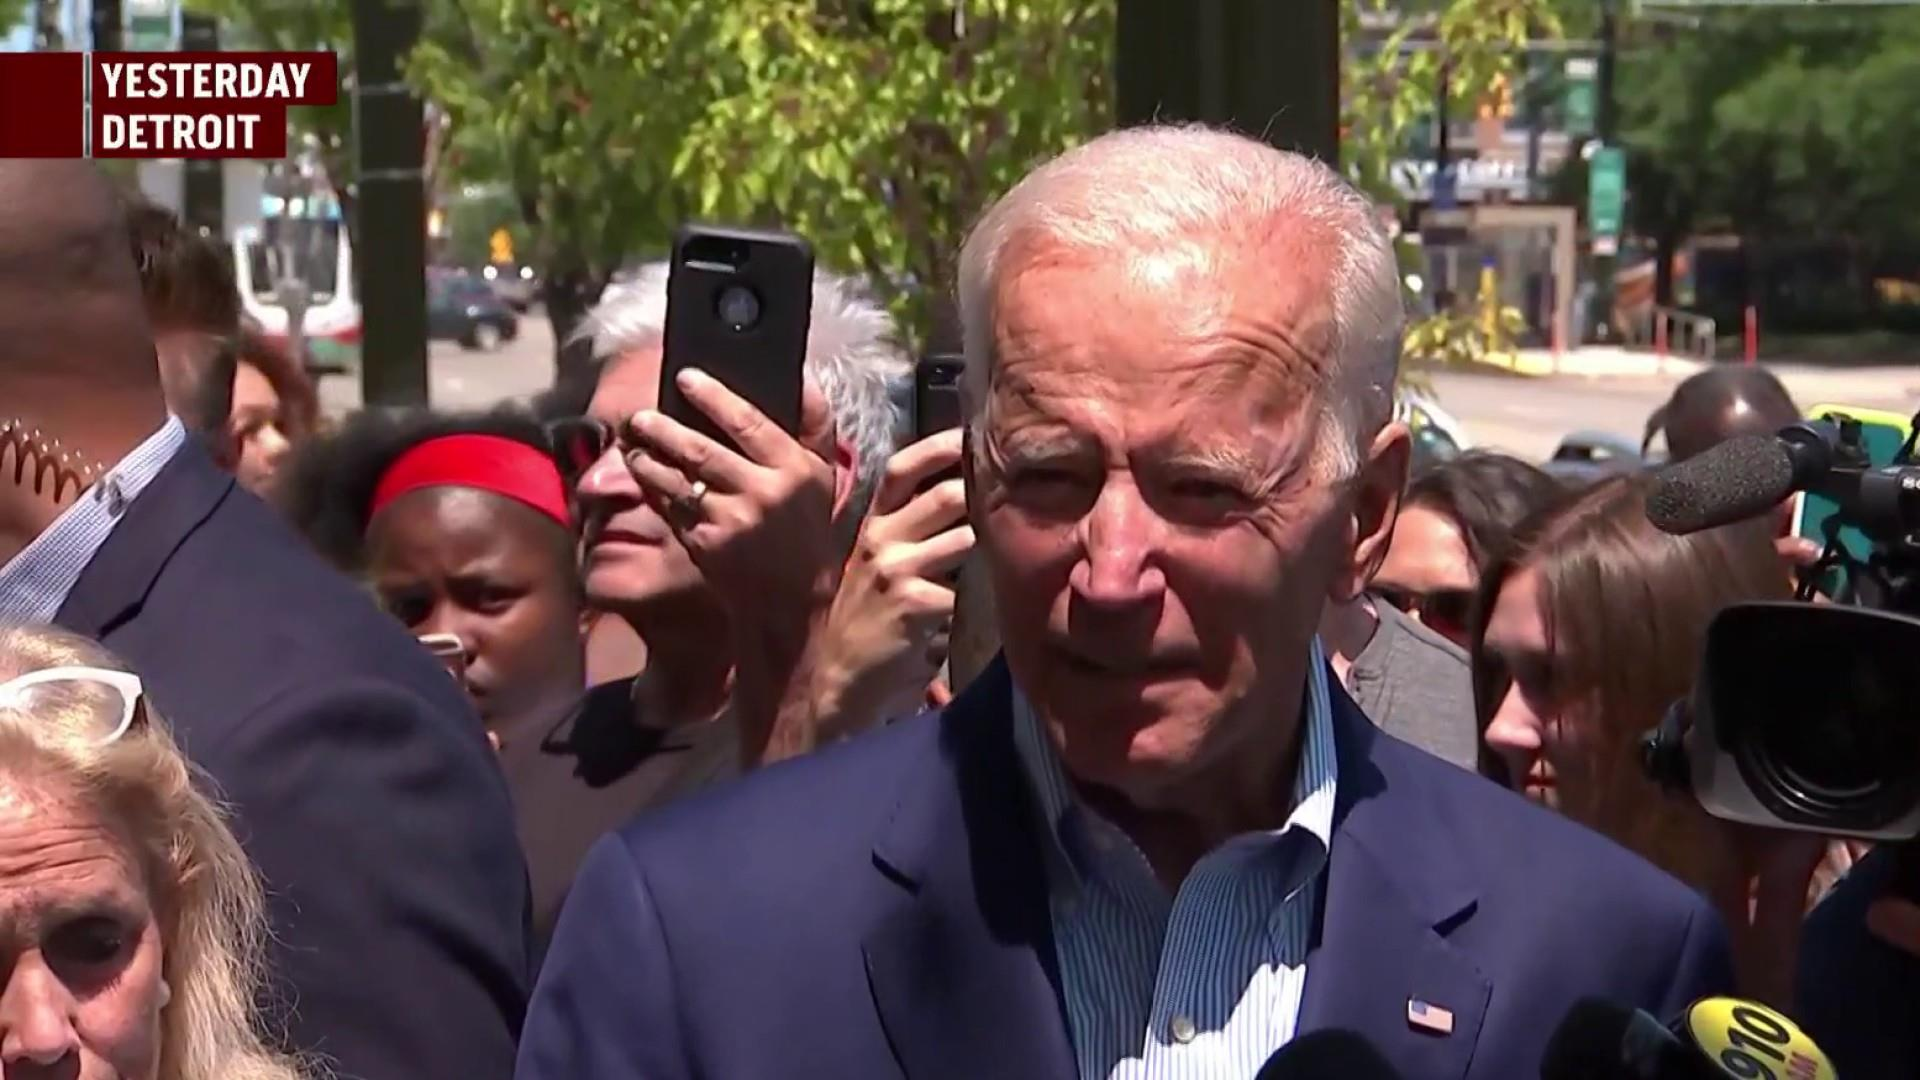 Biden defends Obama legacy after Dems' debate attacks